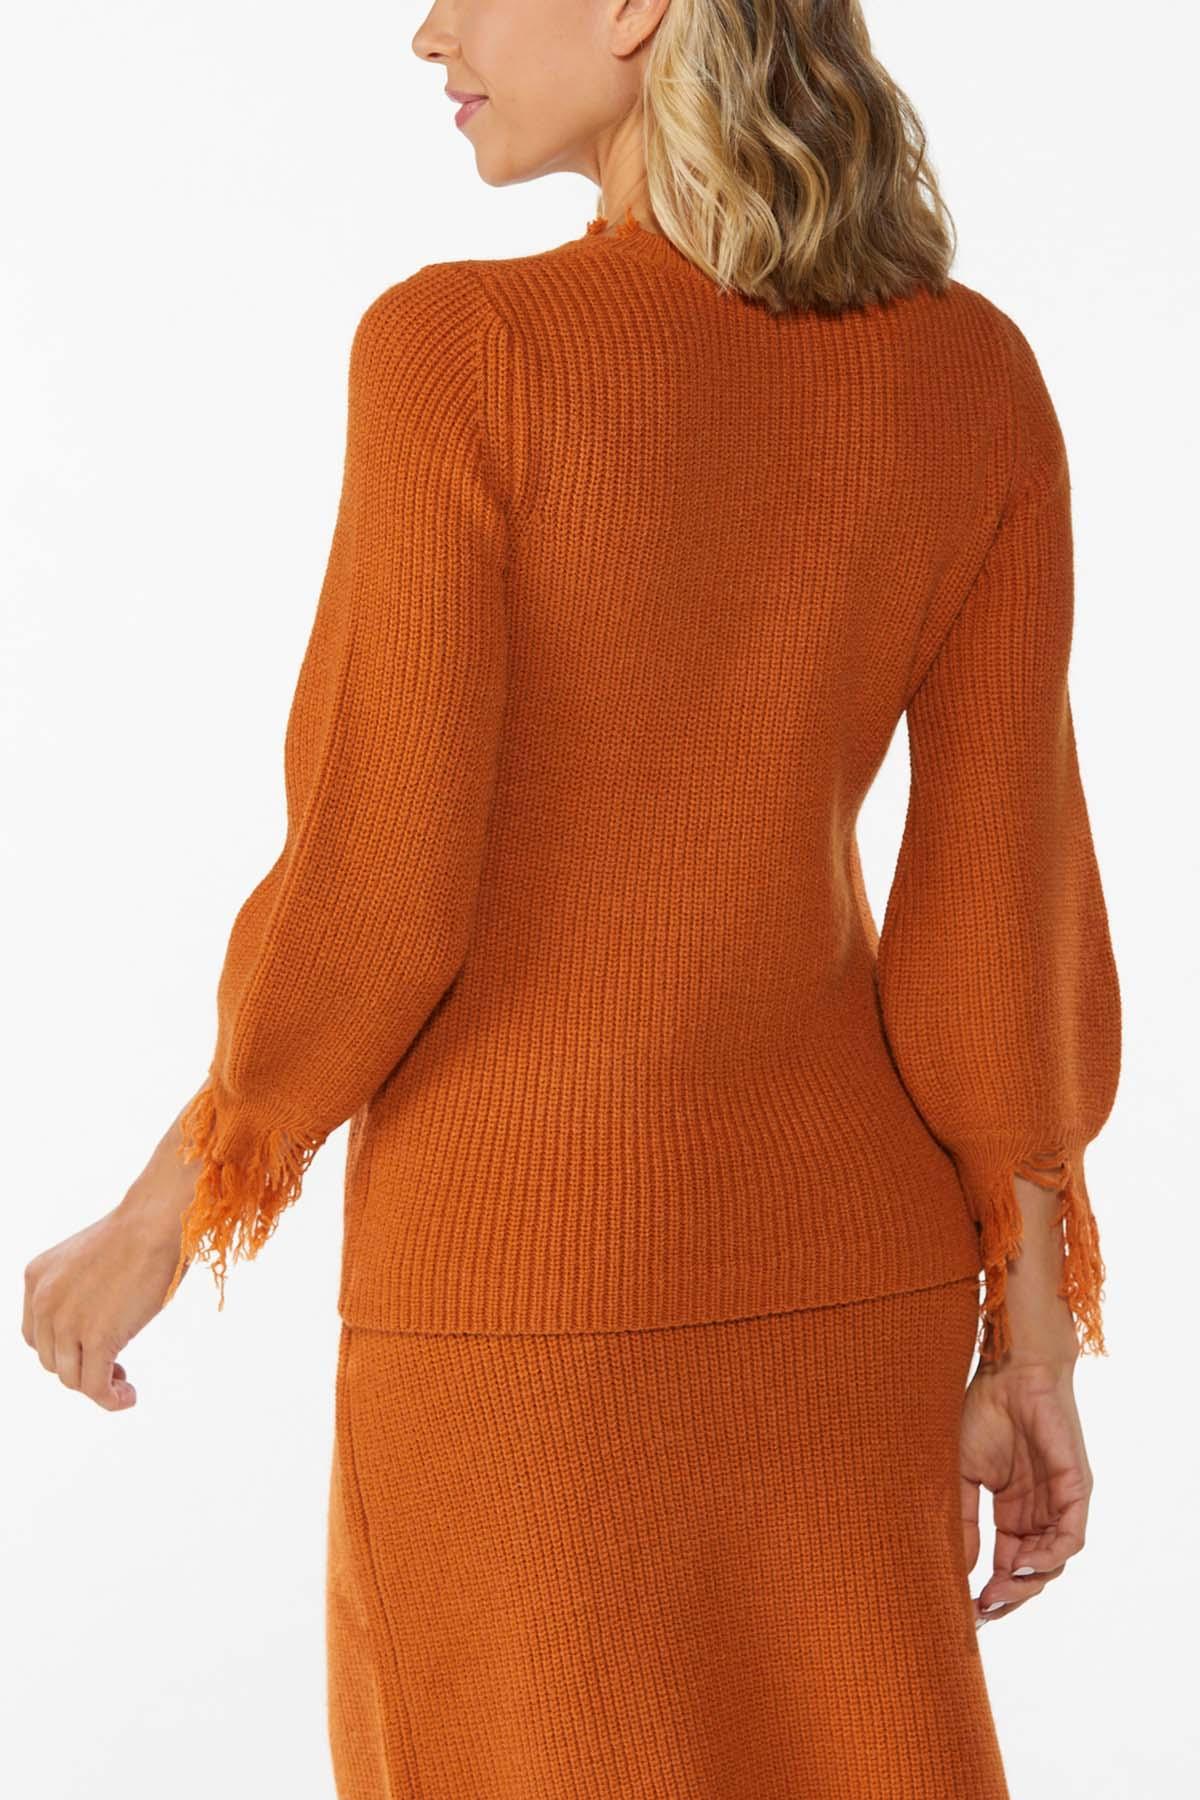 Distressed Orange Sweater (Item #44781568)